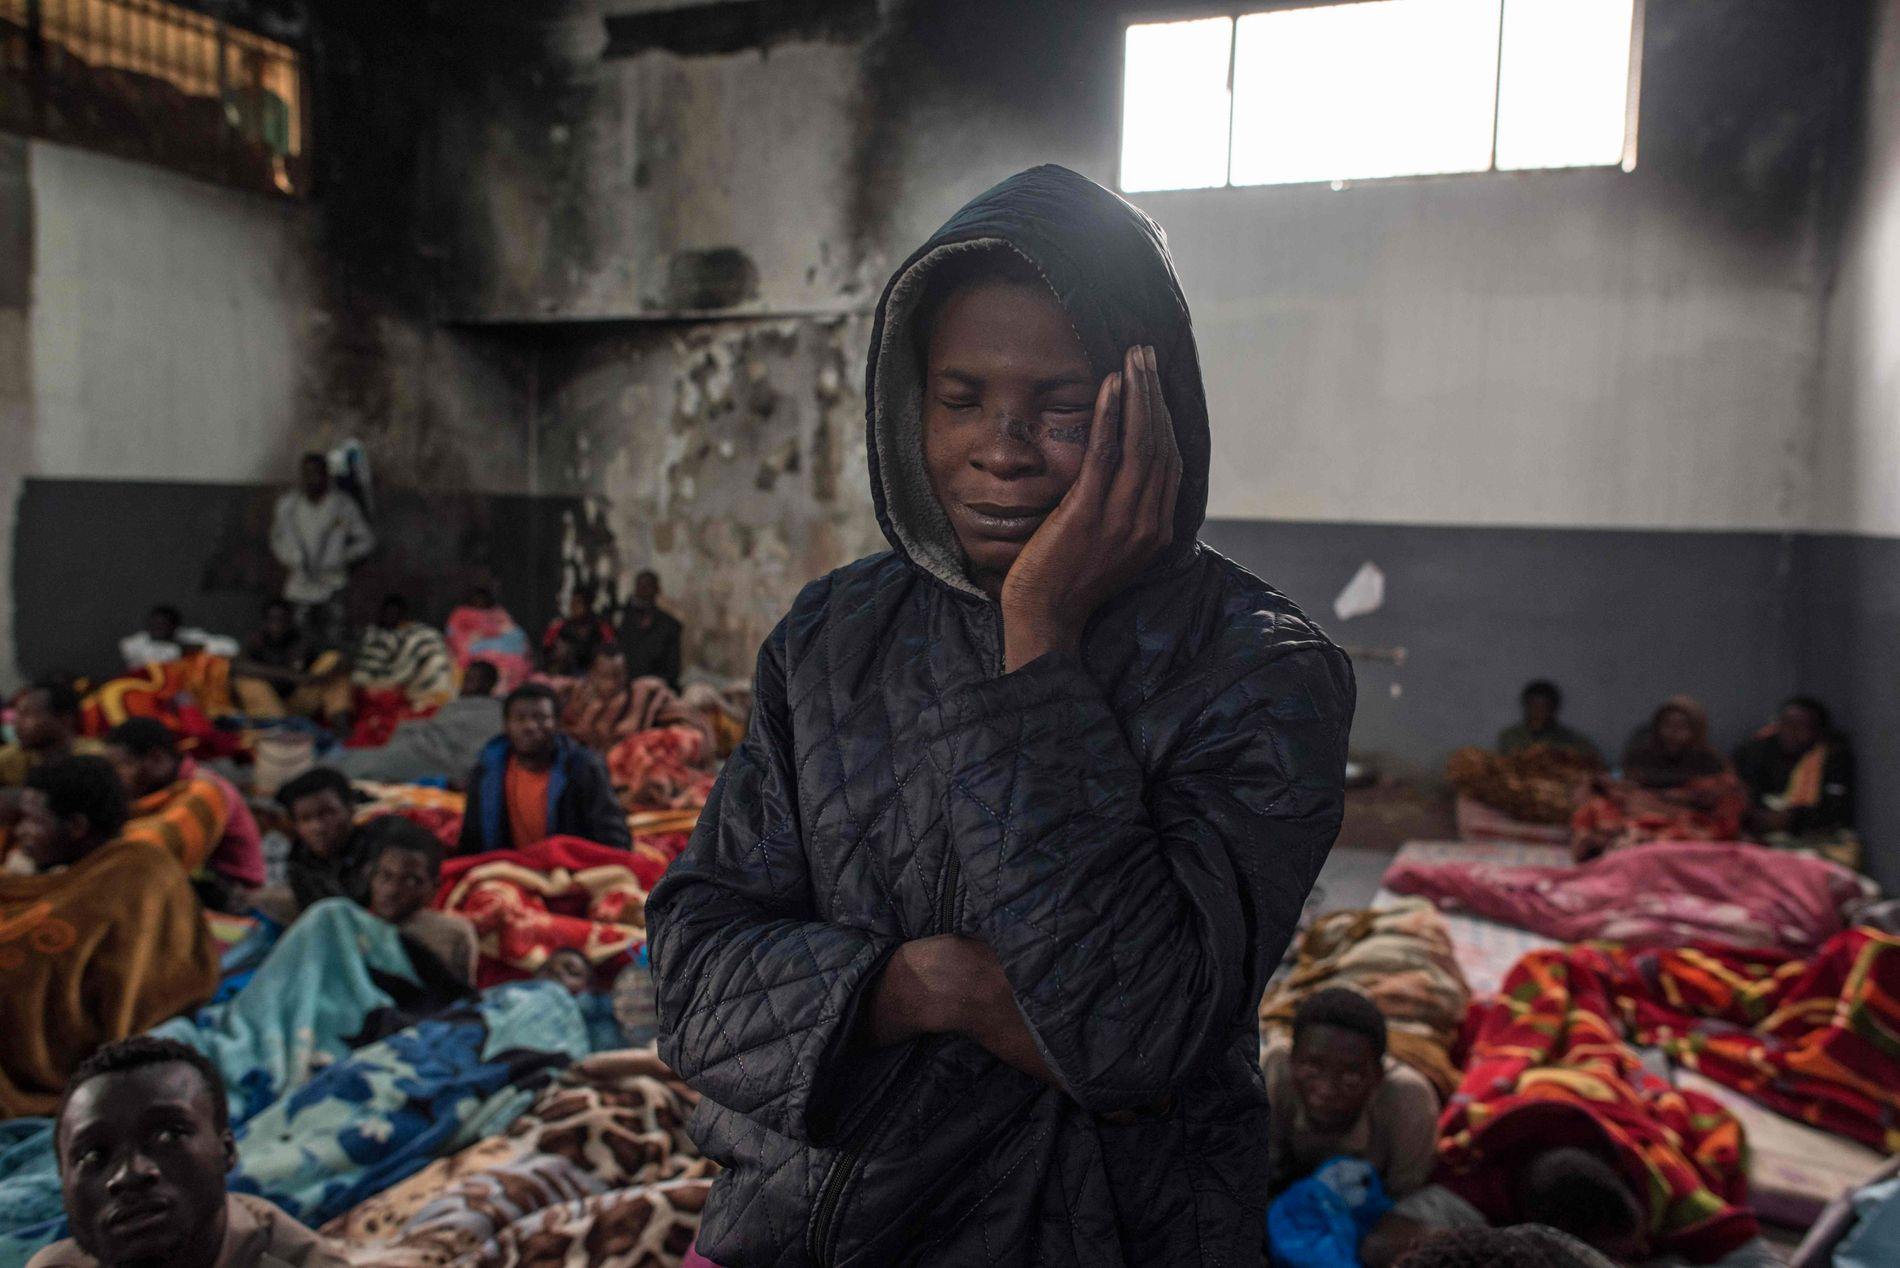 OVERFYLT: Mennesker i et overfylt rom i en interneringsleir i utkanten av Tripoli i slutten av november.